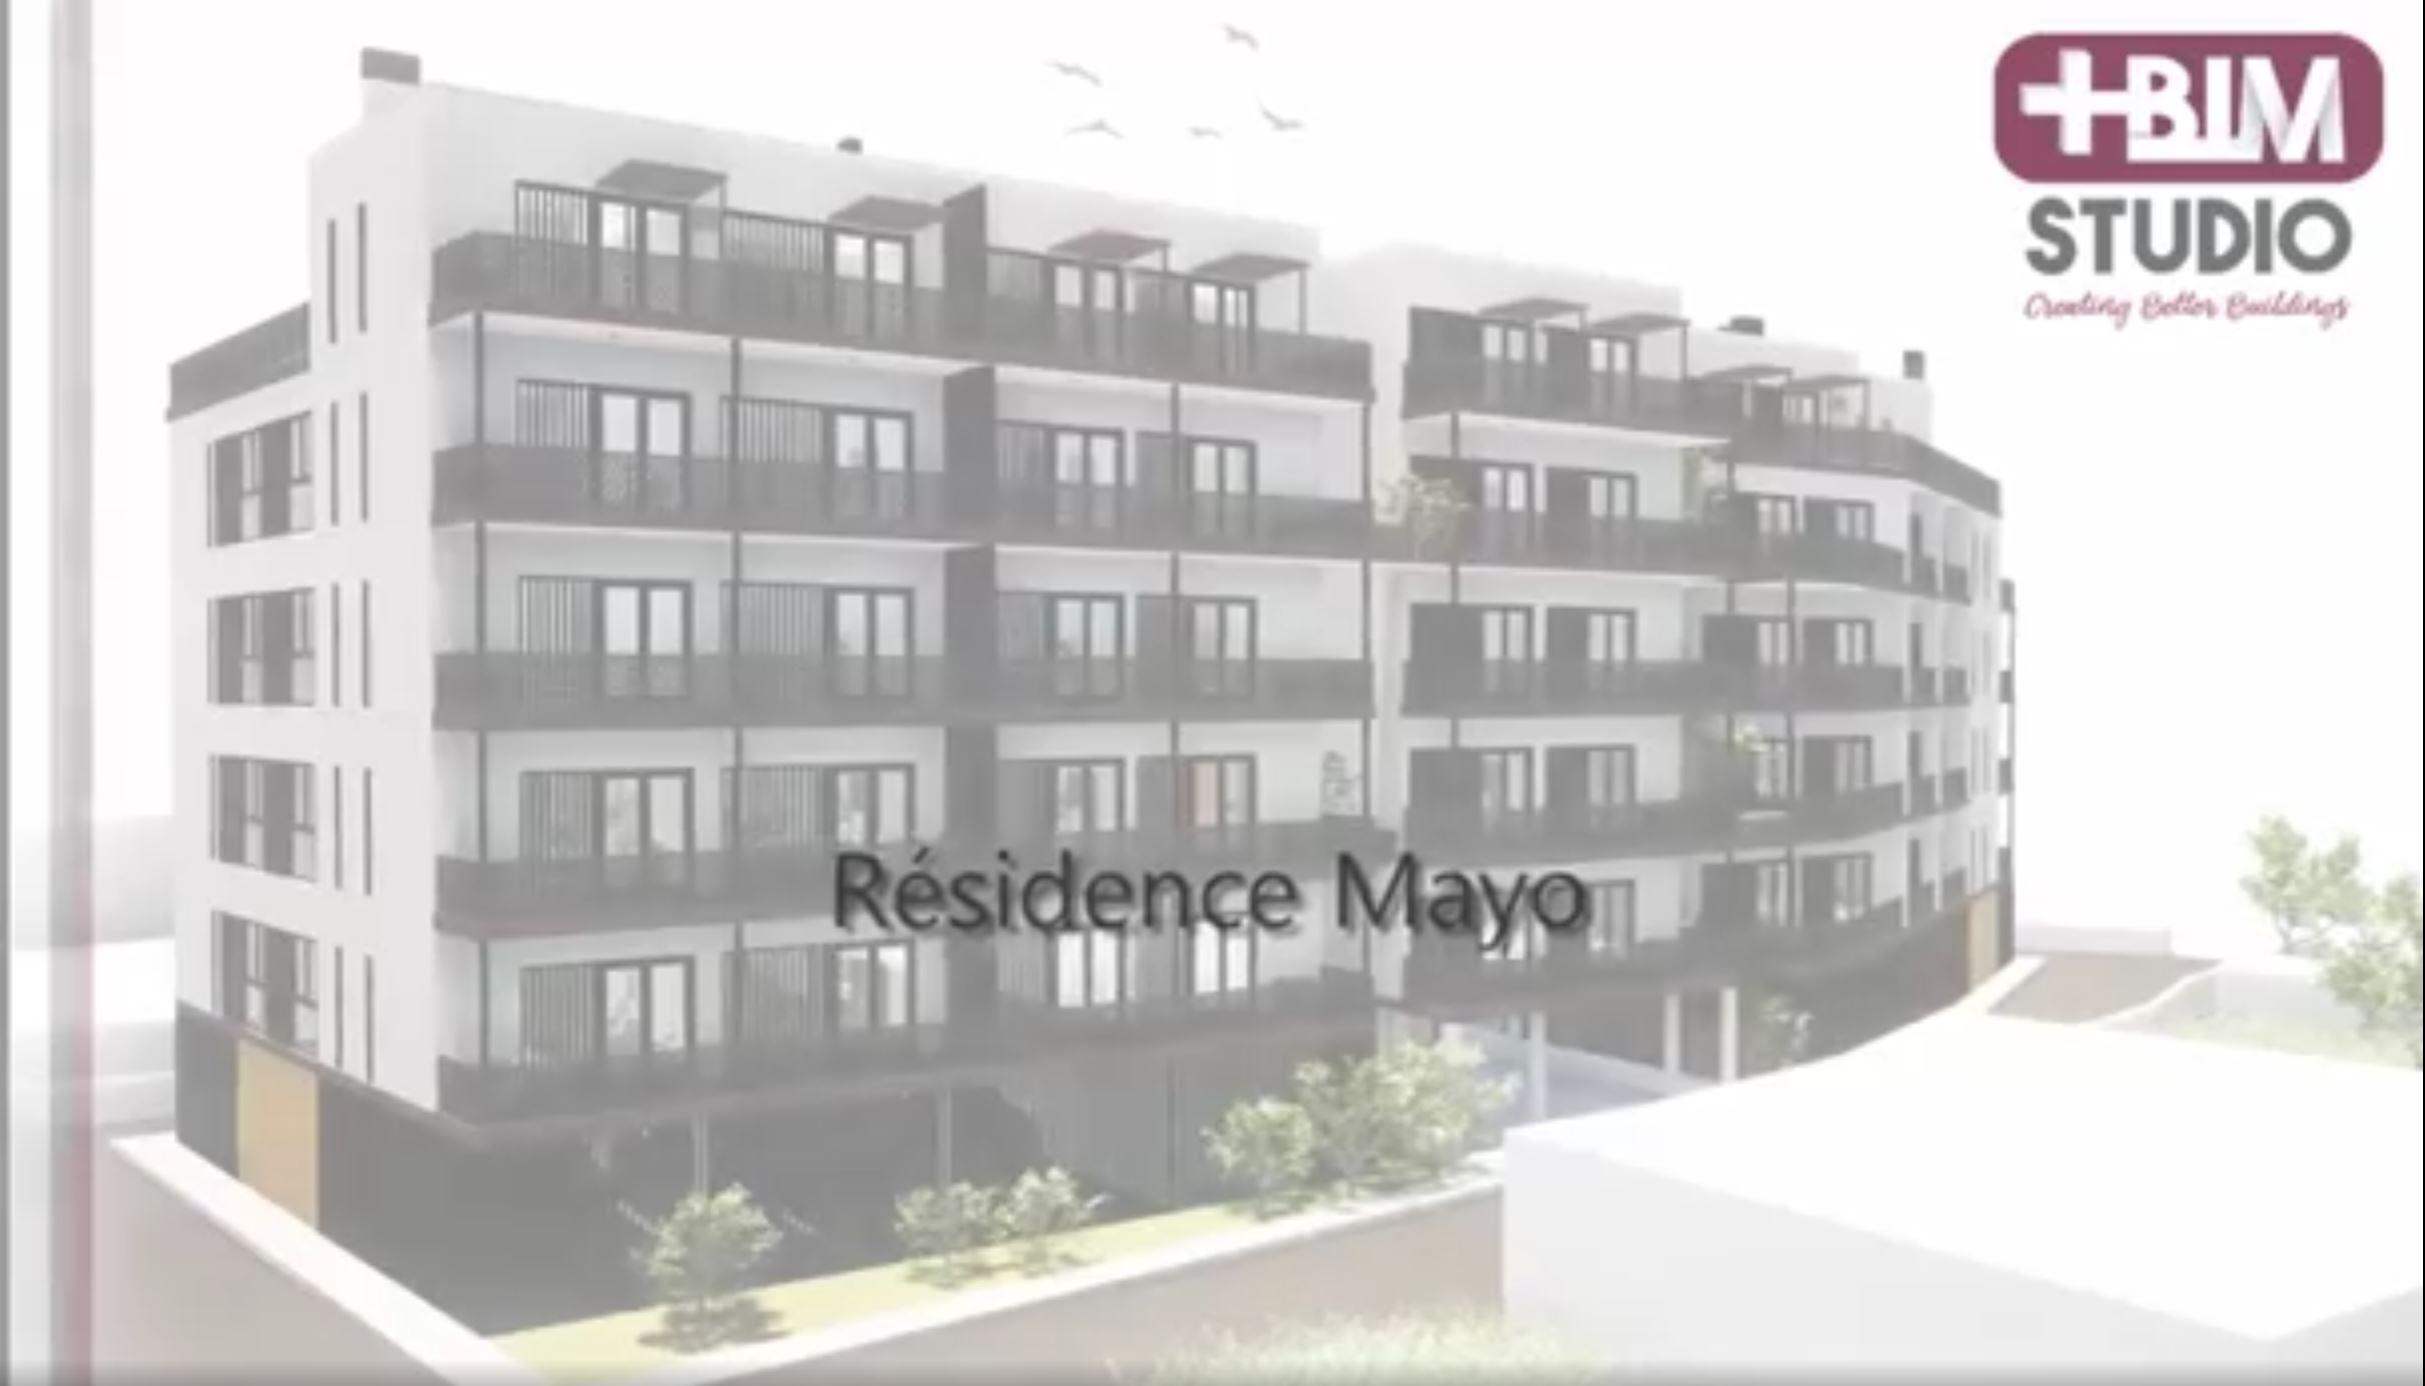 MASBIM - Residence Mayo - Portada video